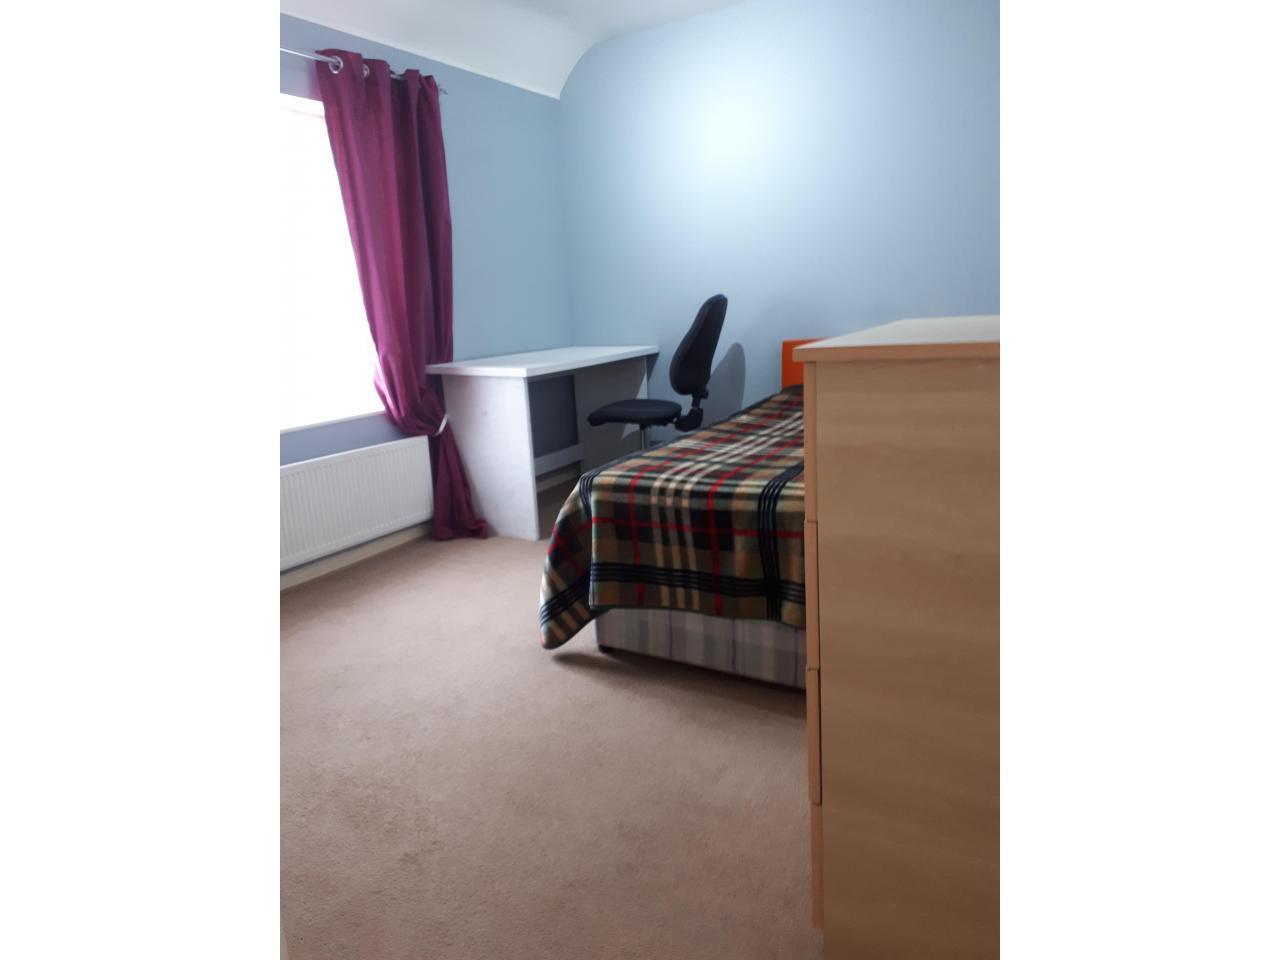 Dagenham, 4 зона, Upney,  большую комнату за 105ф. с1 ноября - 2